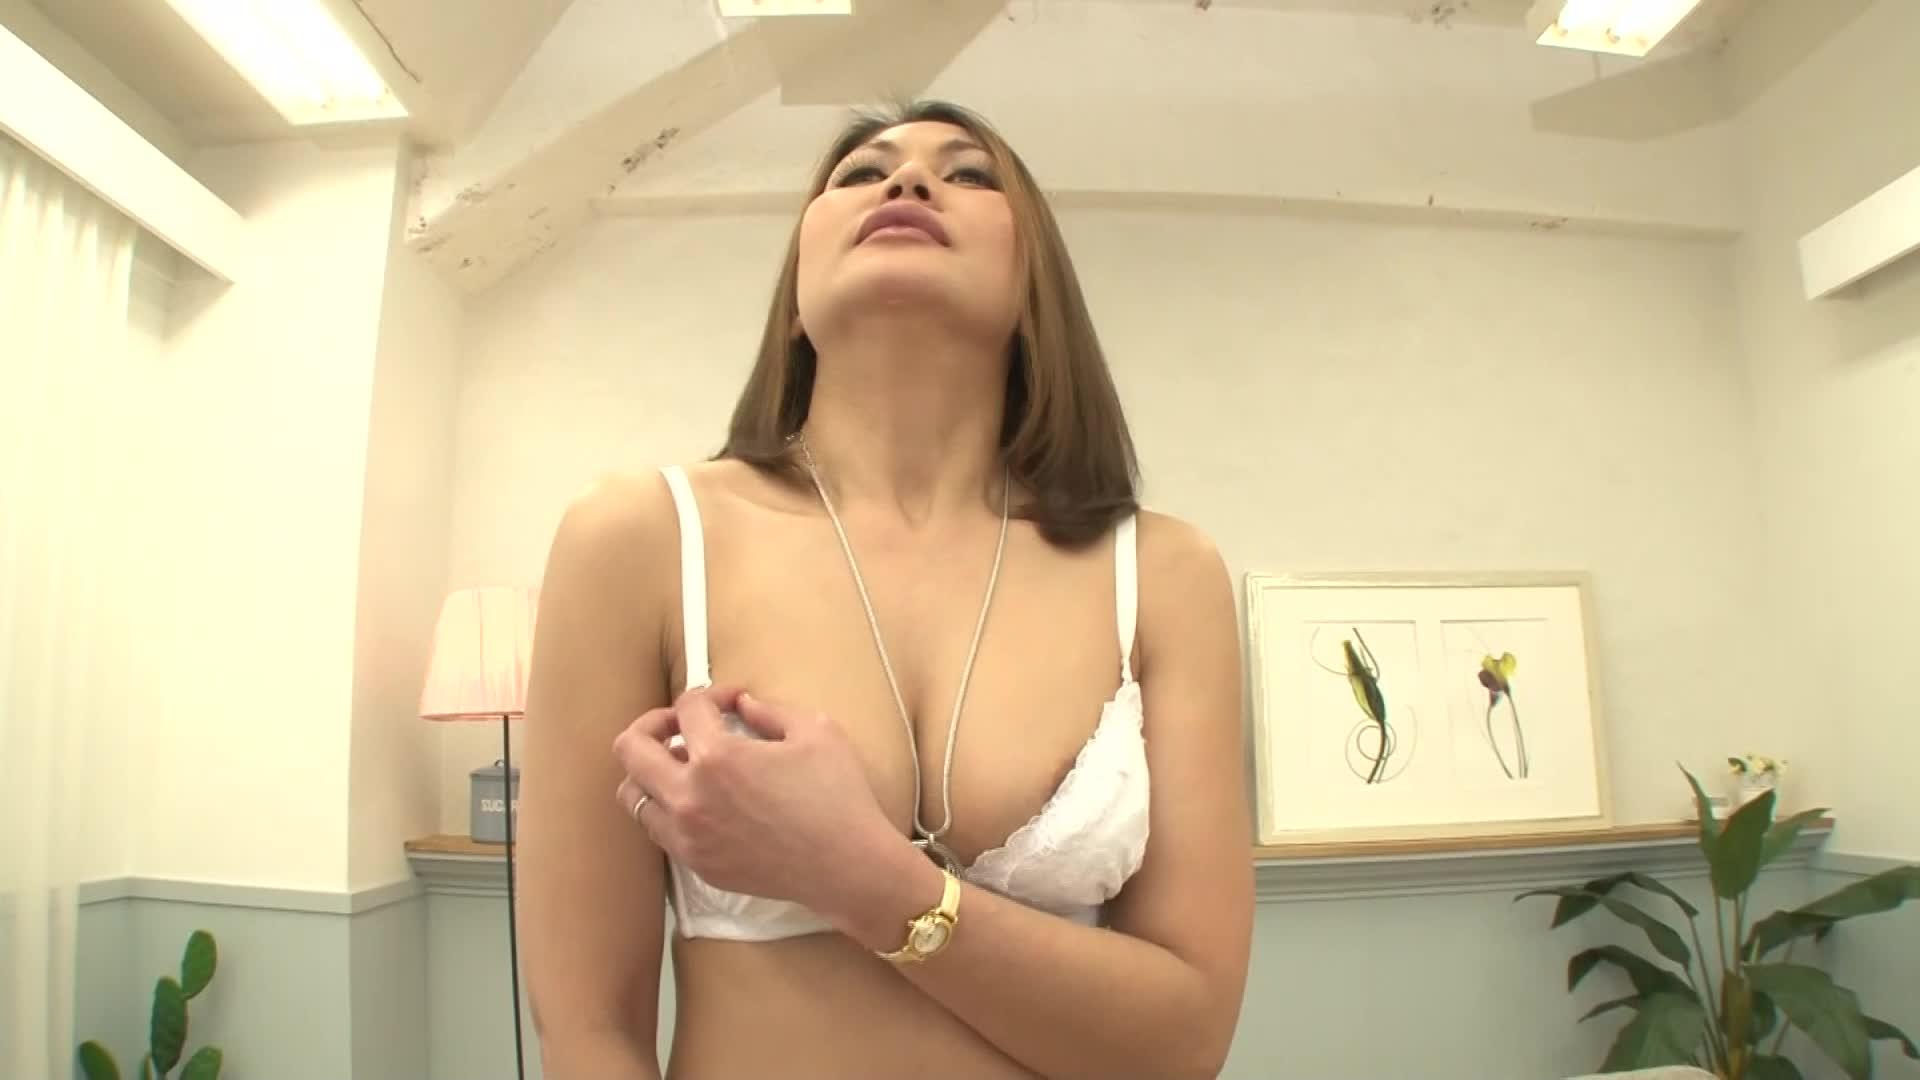 フィリピン出身の40代熟女主婦が恥ずかしそうにビラビラを広げる初撮りドキュメント